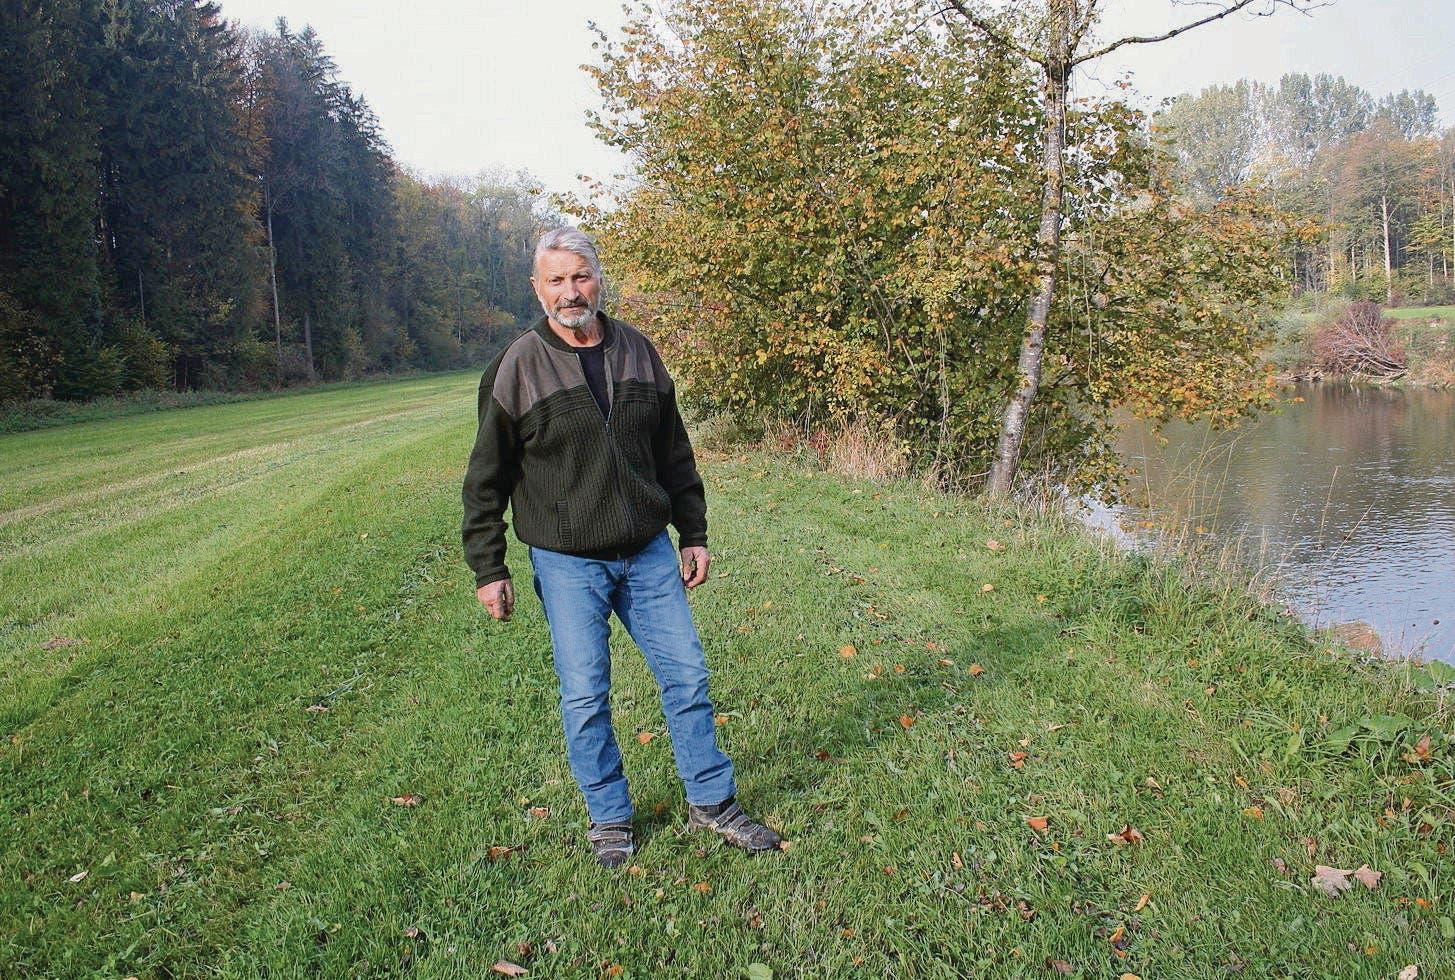 Nachdenklich Alte Sense Mit Holzstiel Deko Stroh Feld Bauernhof Werkzeuge Neueste Technik